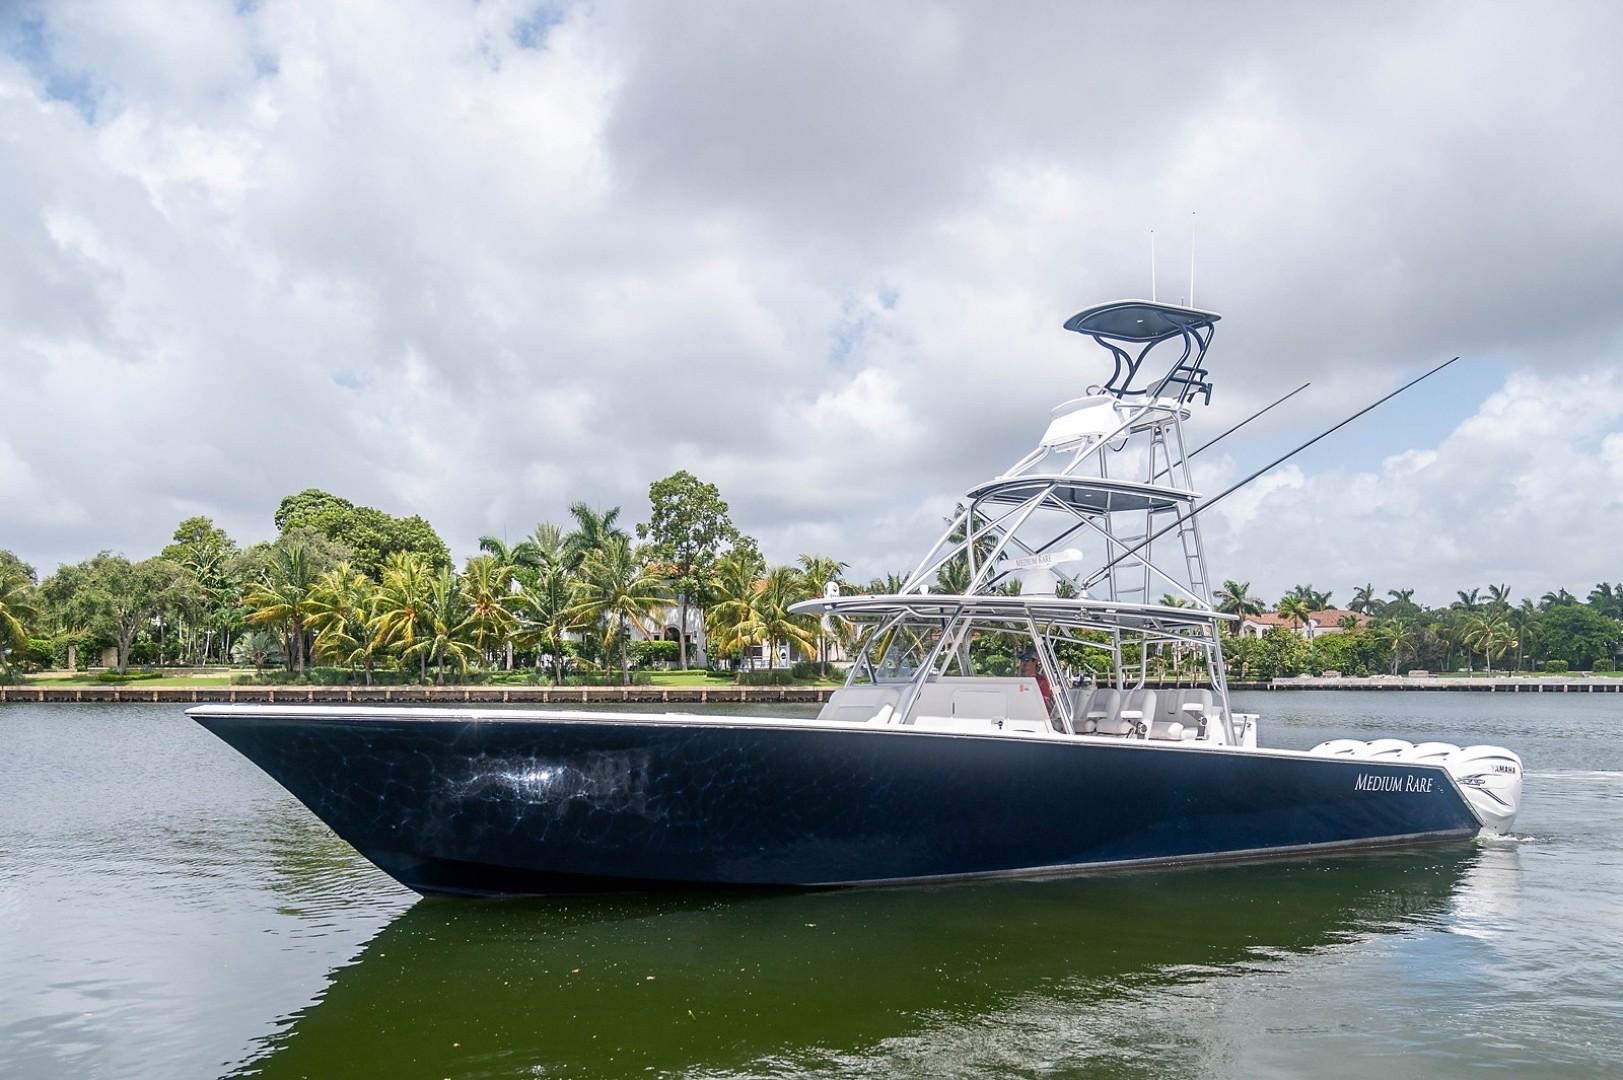 SeaHunter 45 - Medium Rare - Exterior Profile